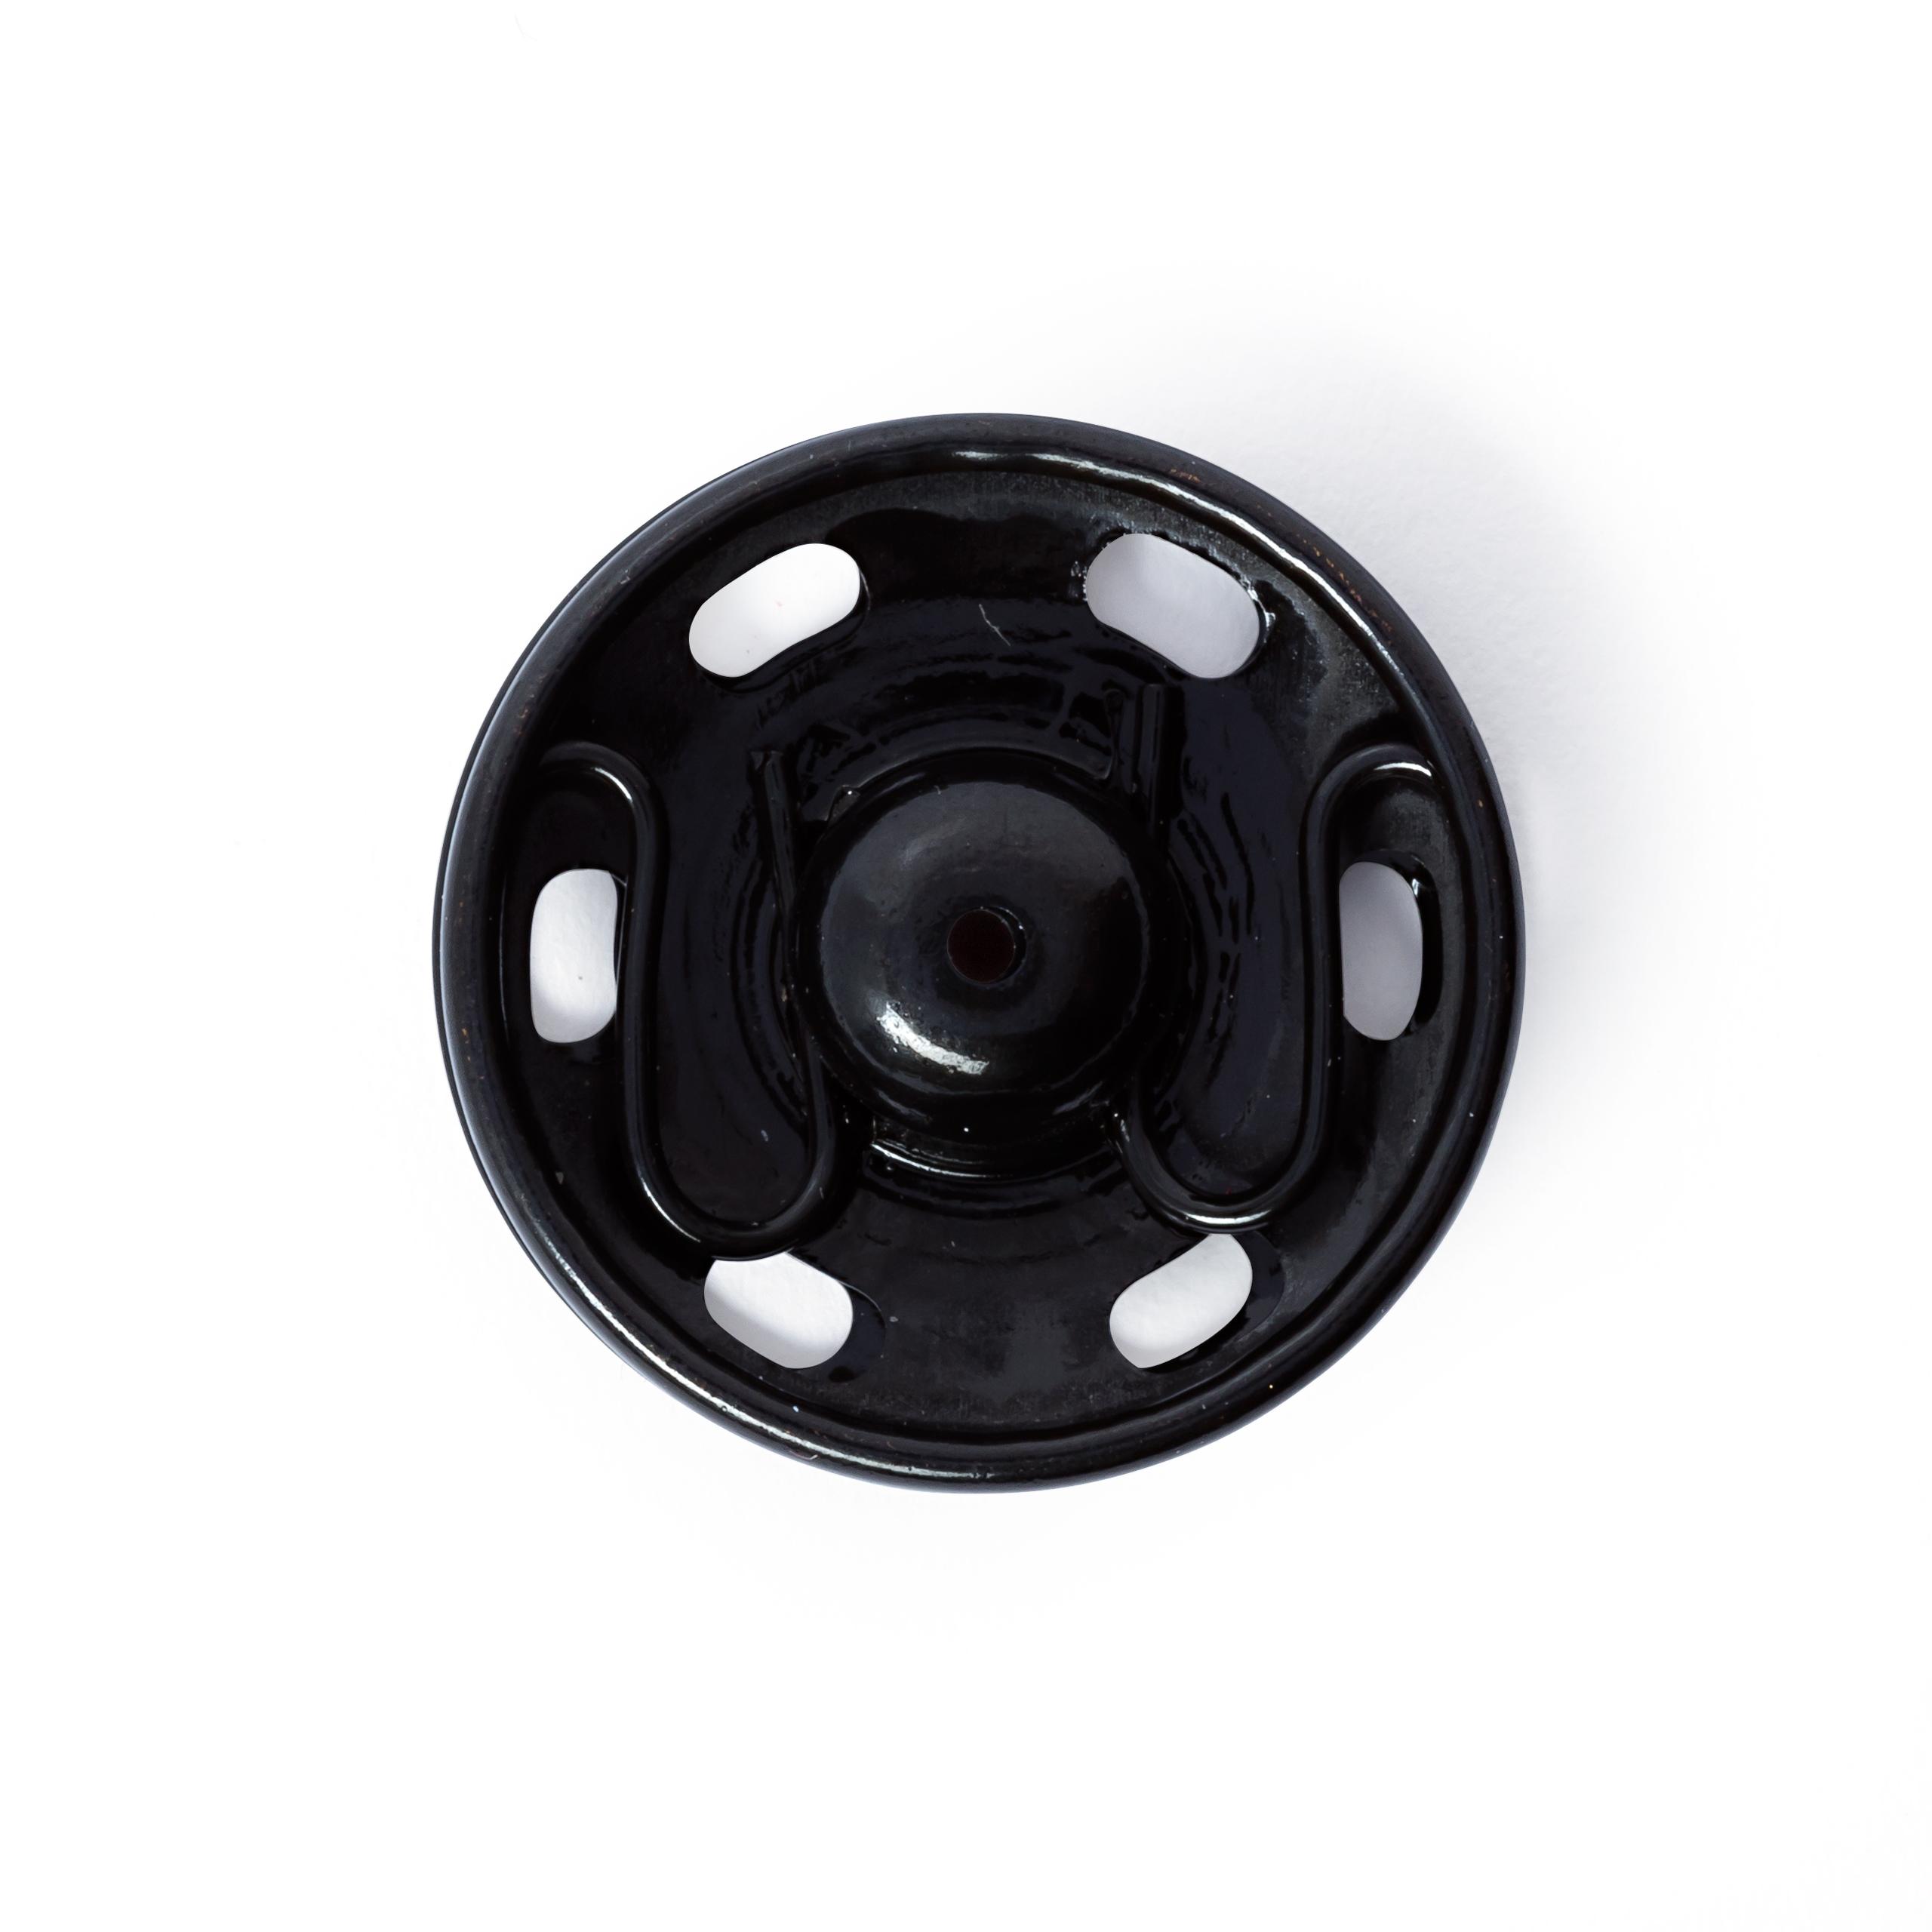 Druckknöpfe, schwarz, 4 Stück, 17 mm, Prym - Art. 341254